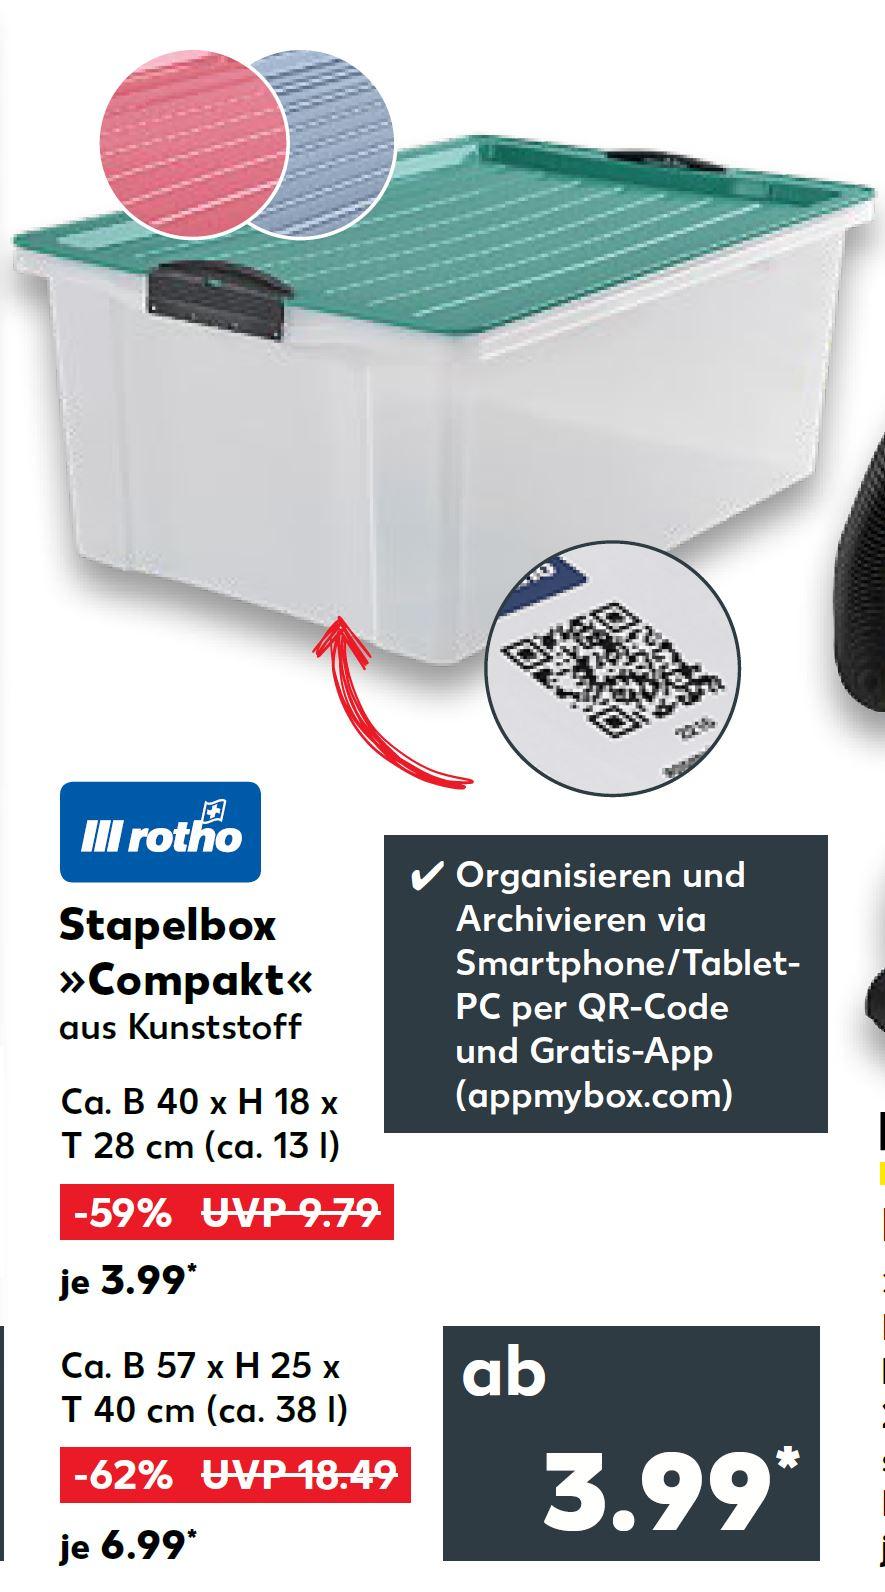 [Kaufland] Rotho Stapelbox Compact A4/13l für 3.99€ (PVG: 4.99€) bzw. A3/38l für 6.99€ (PVG: 7.99€)